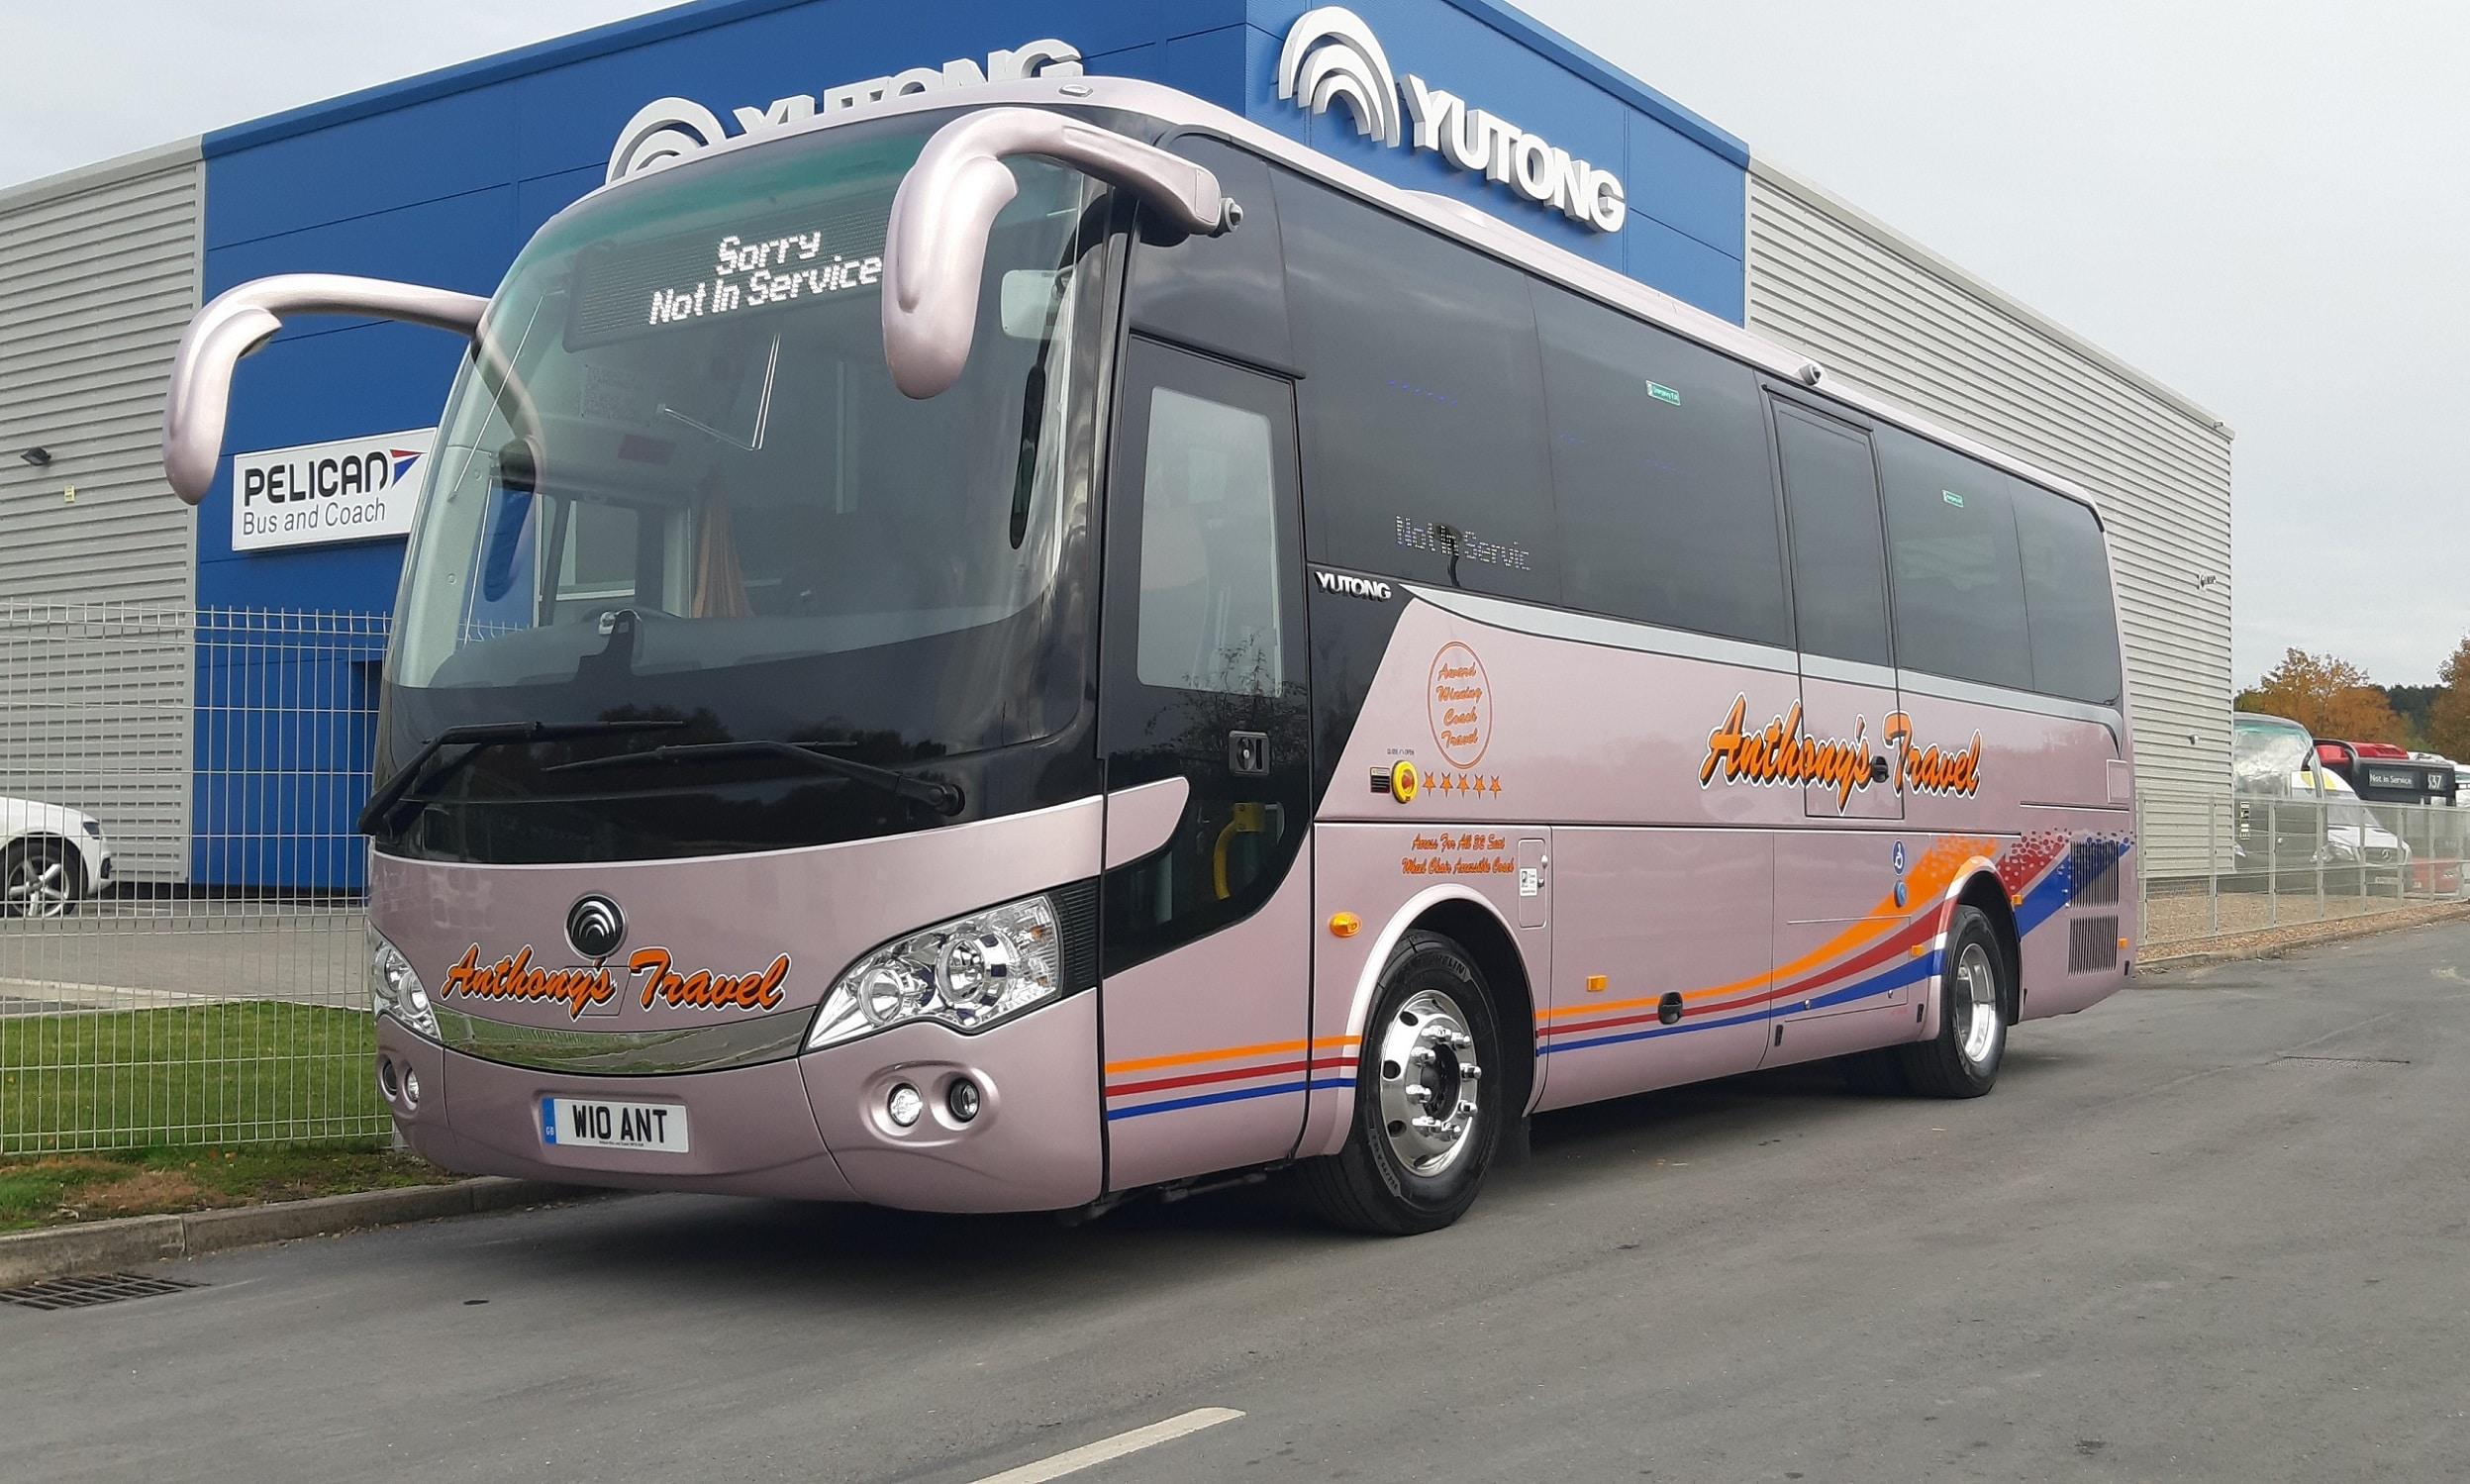 Anthonys Travel PSVAR Yutong TC9